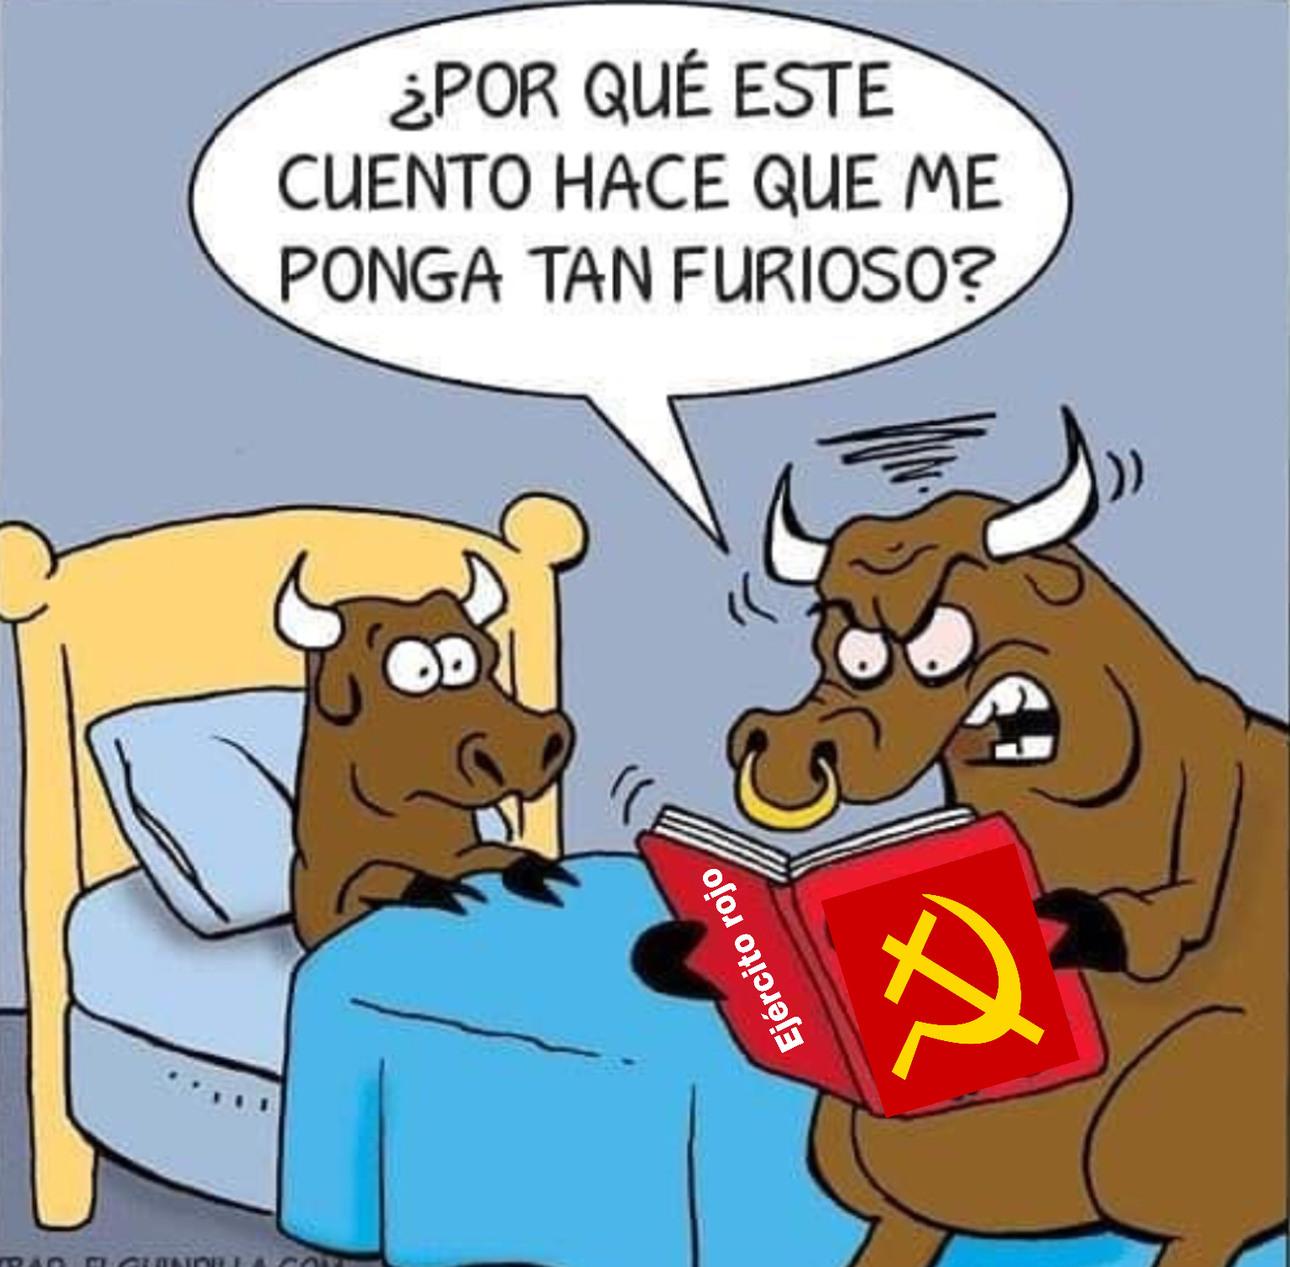 Ejército rojo...los toros no le gusta lo rojo...meme más basura